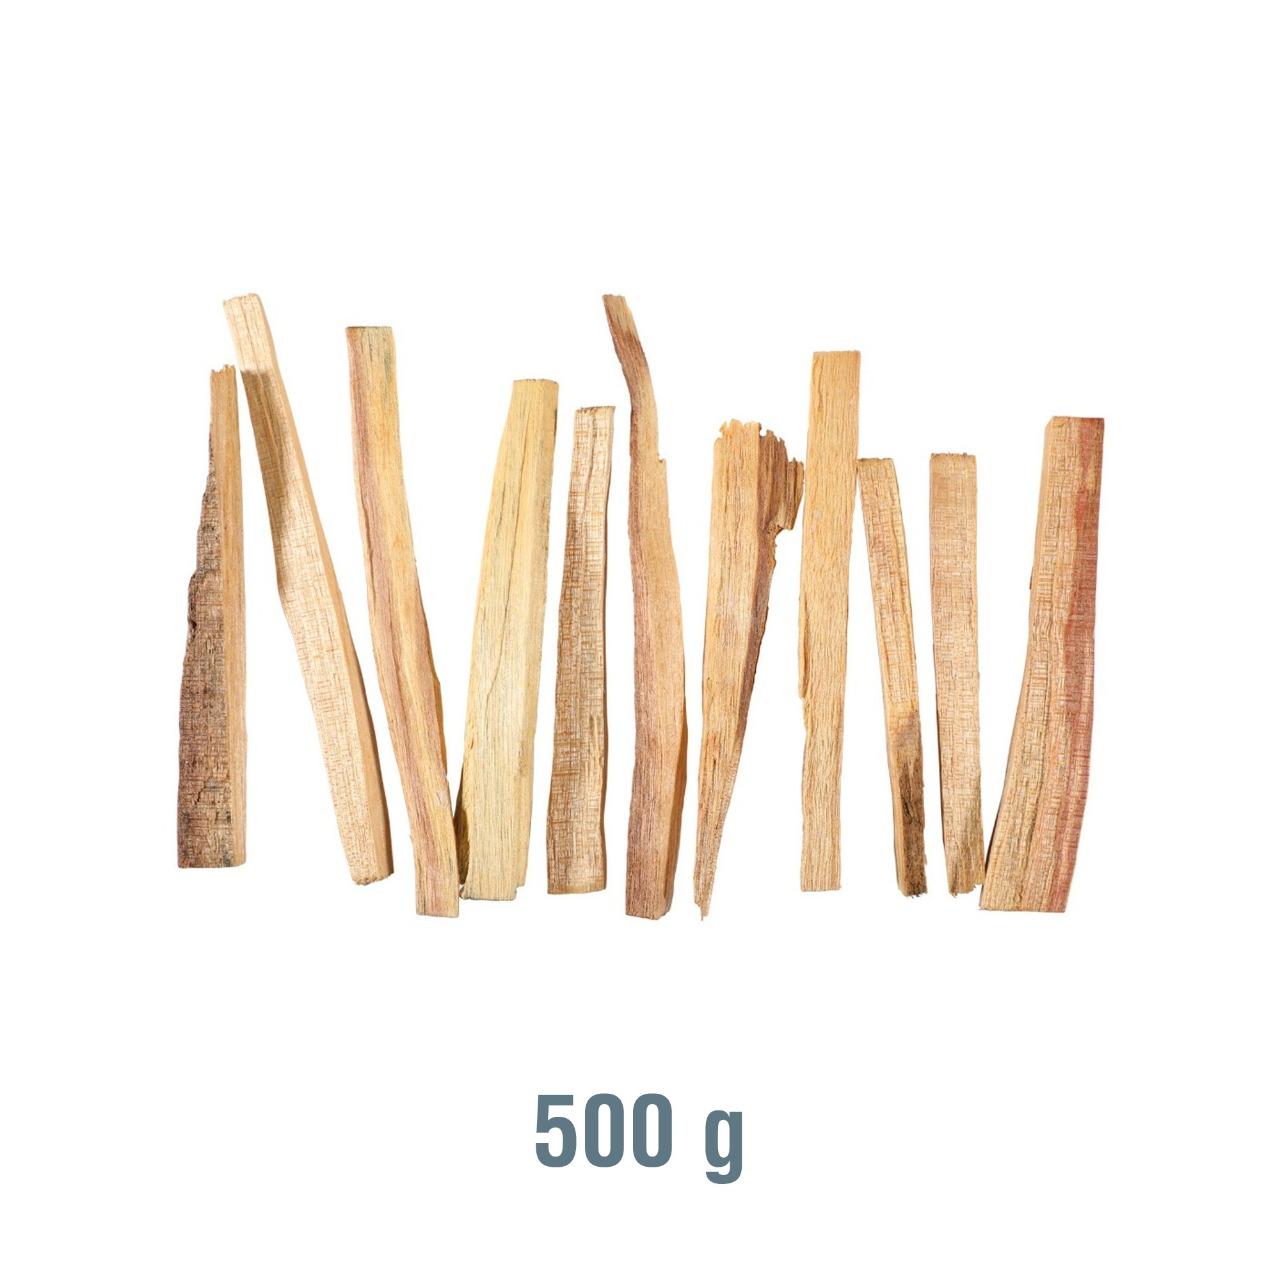 500 g Incenso in natura Palo Santo